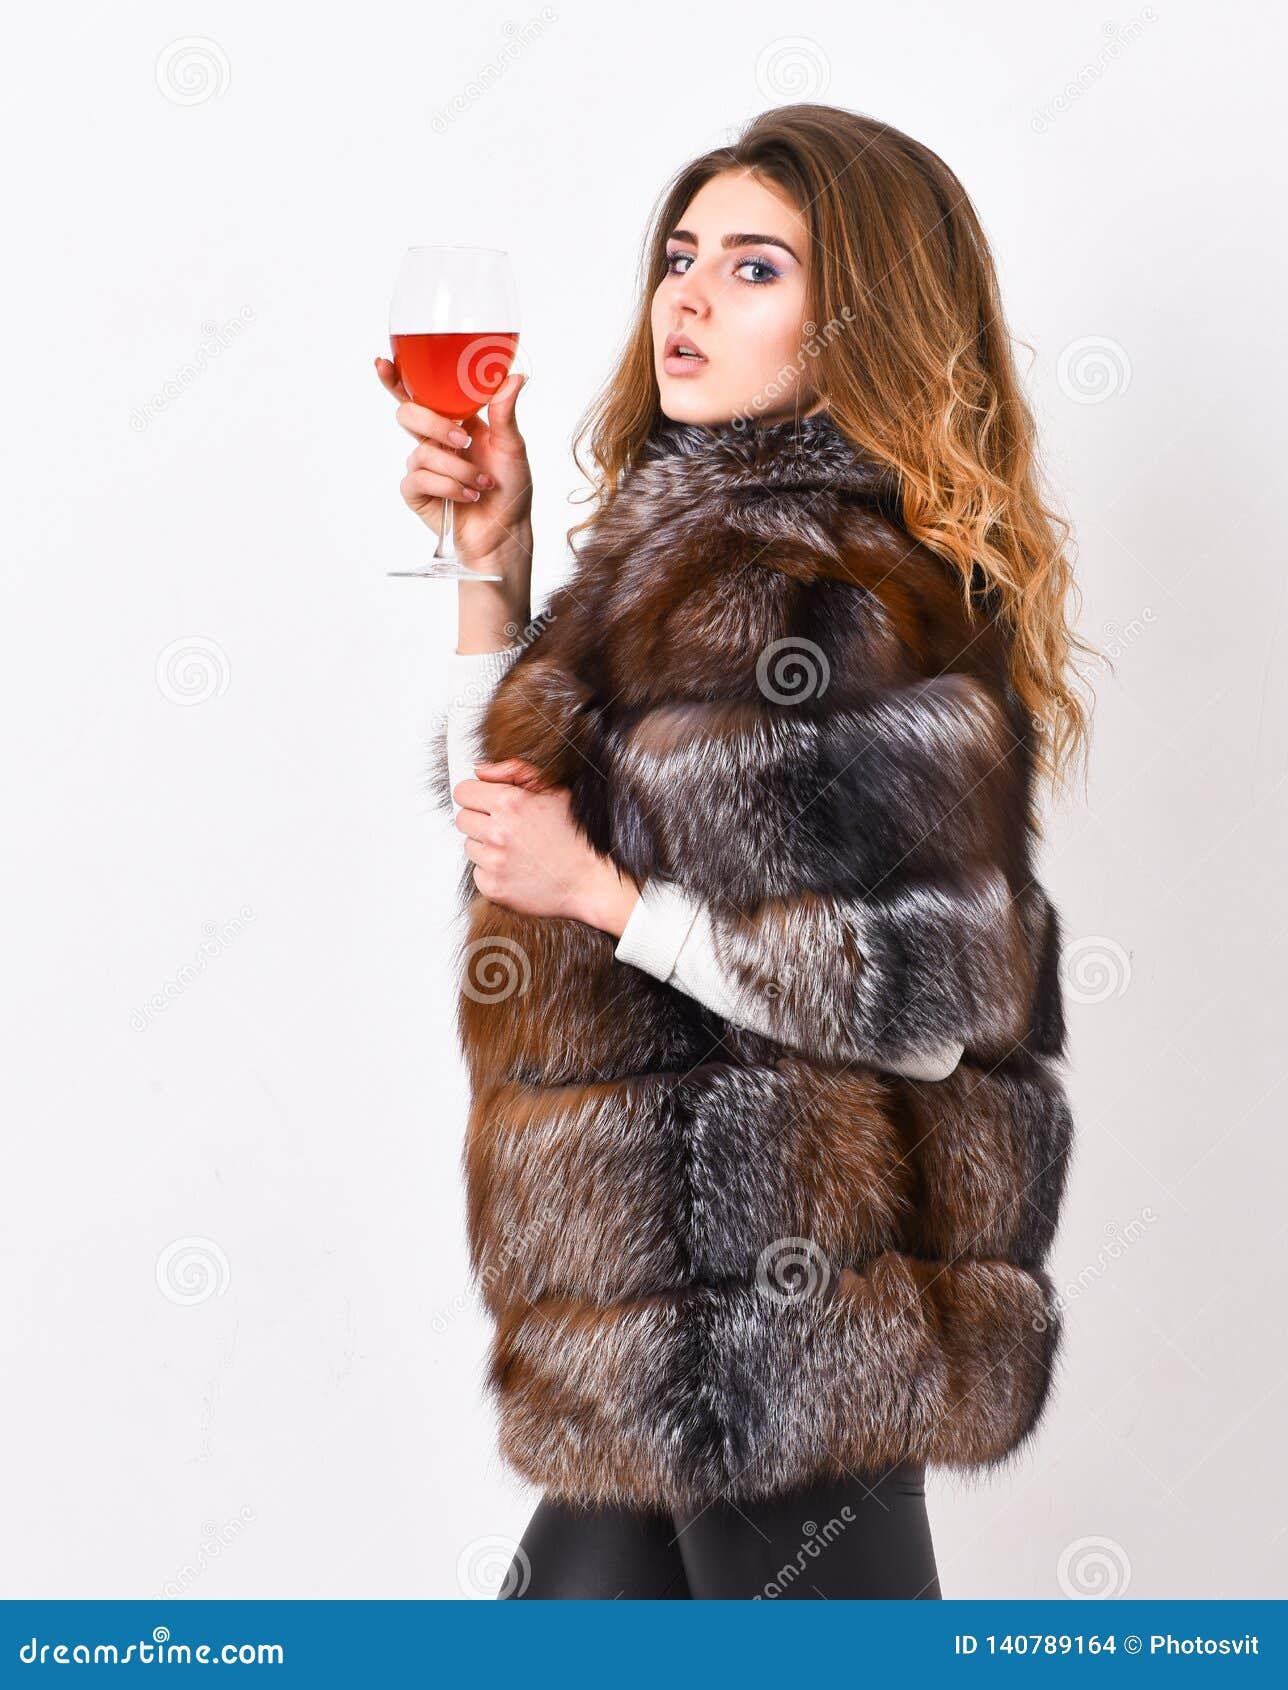 夫人时装模特儿卷曲发型享用精华酒 酒文化概念 妇女饮料酒 女孩时尚构成穿戴